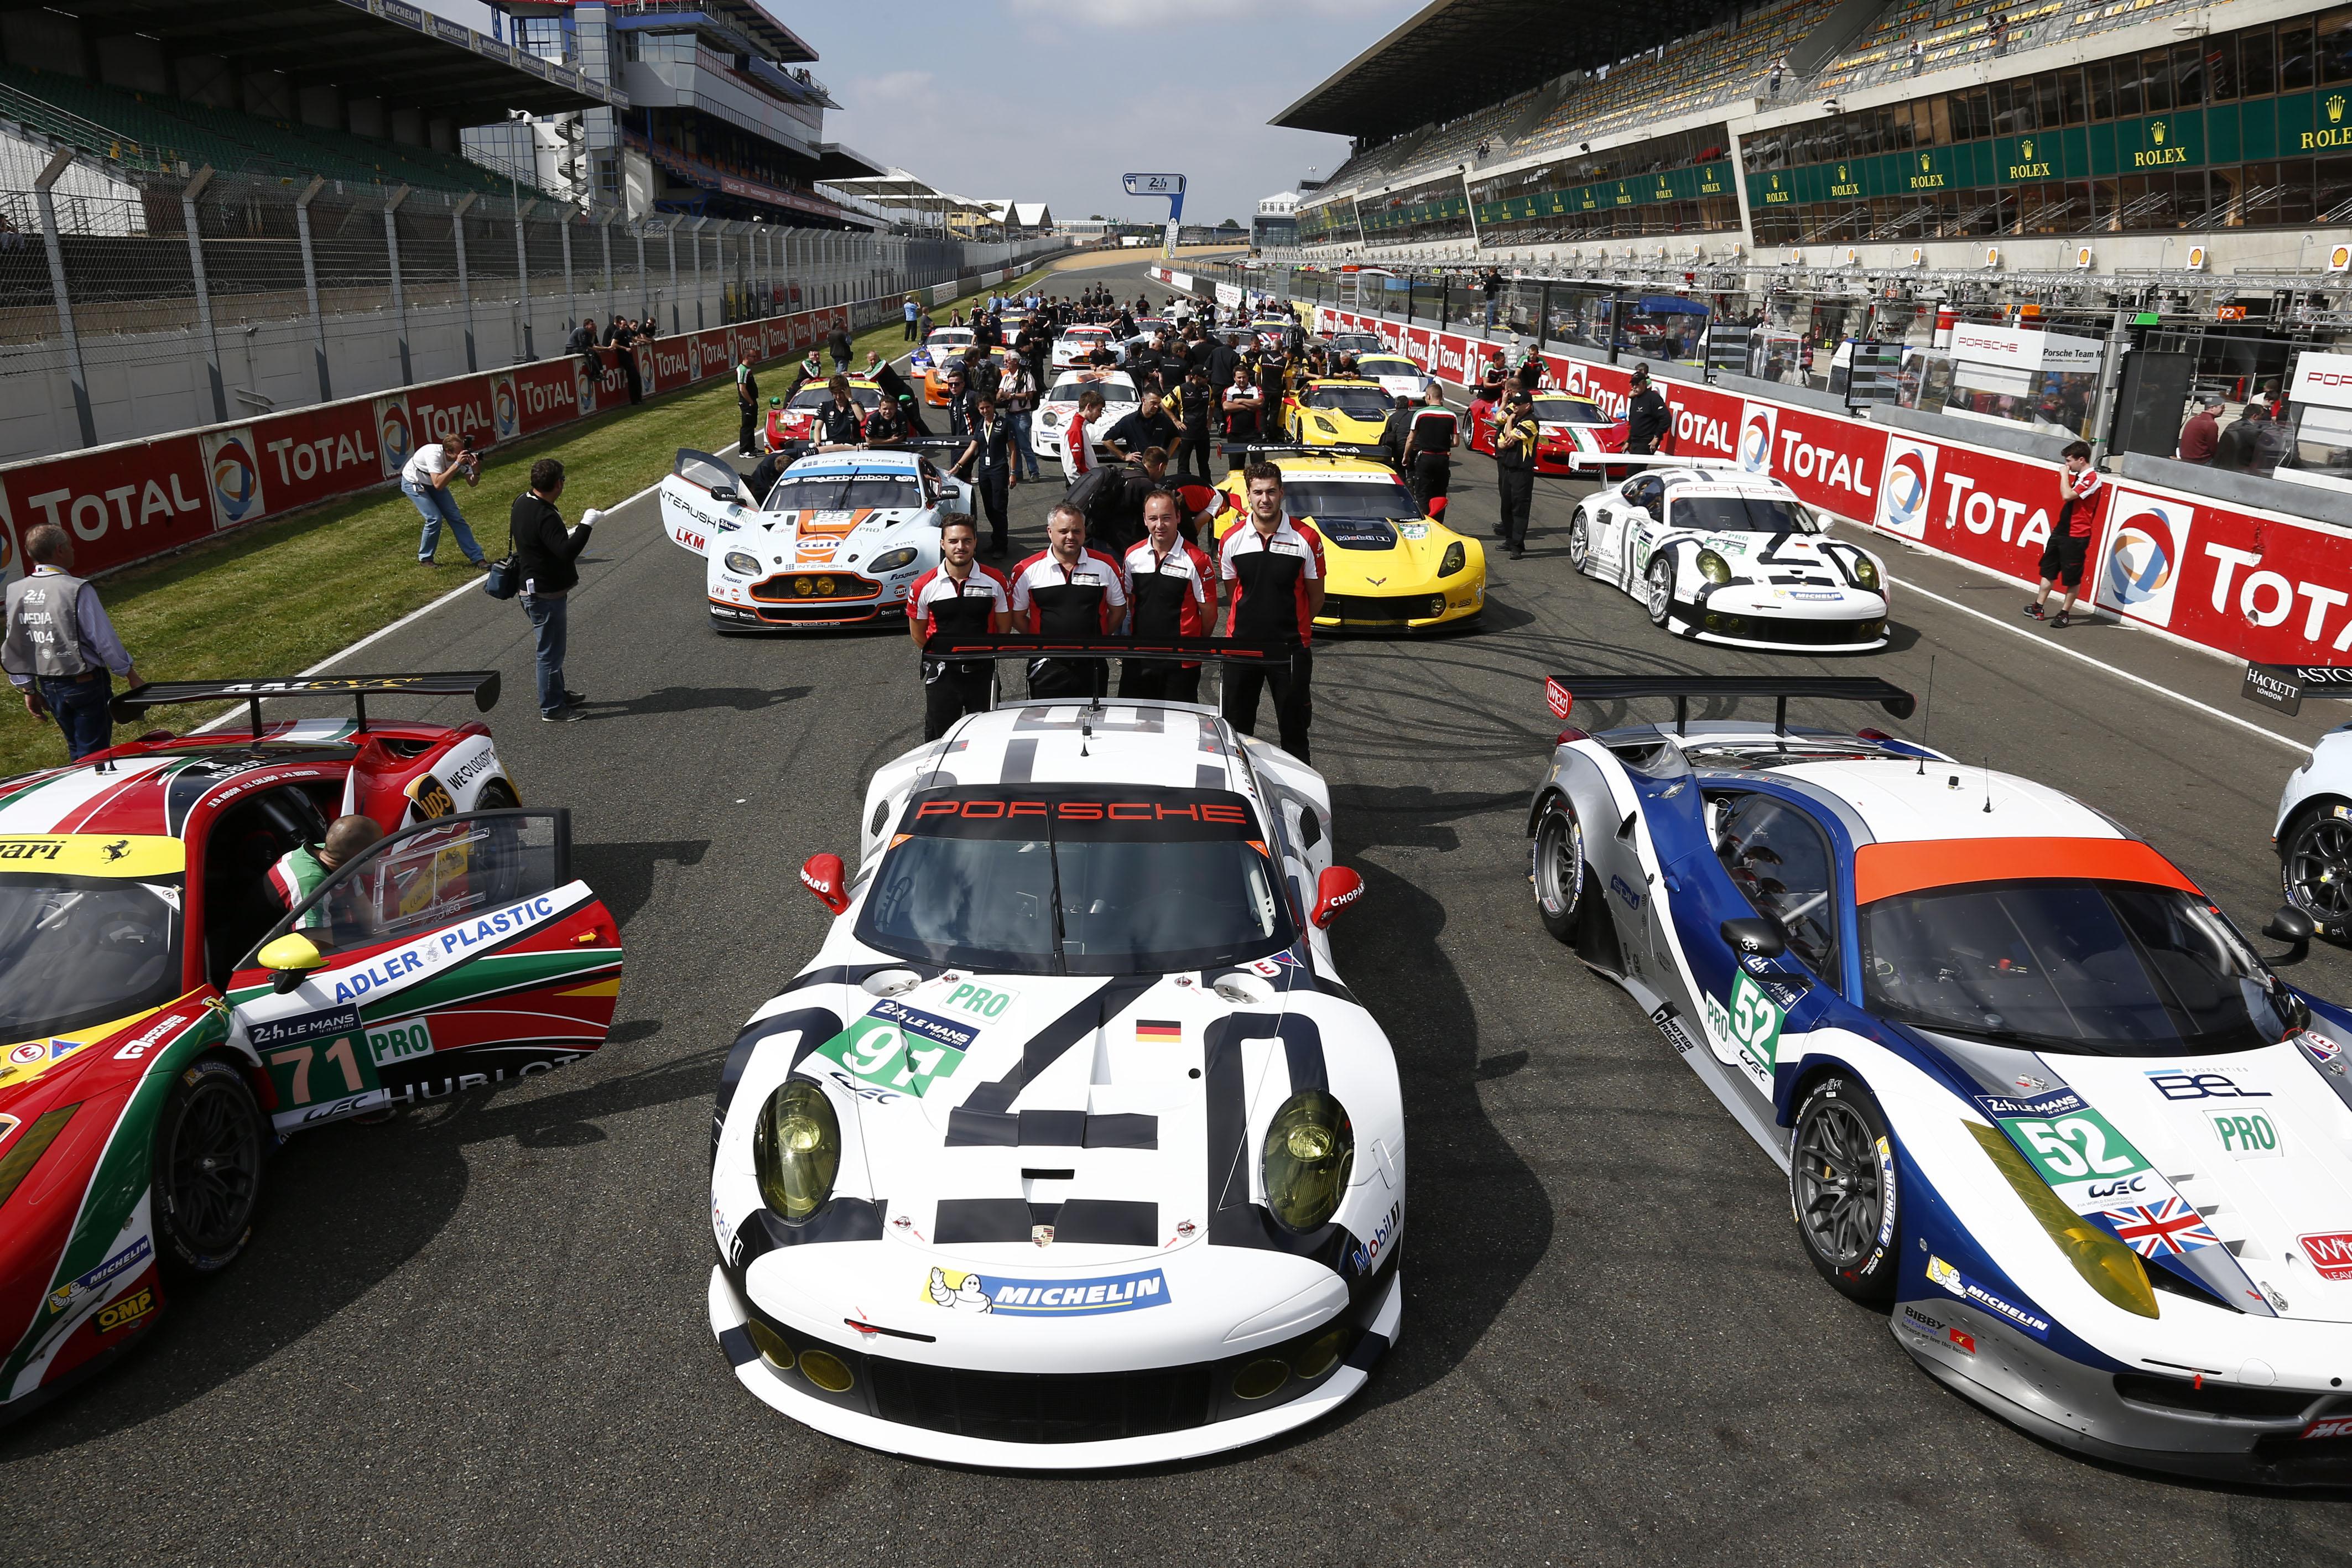 Porsche Teams Conduct Successful Le Mans Test Sports Car Wec Test Day Le Mans 24 Hours France